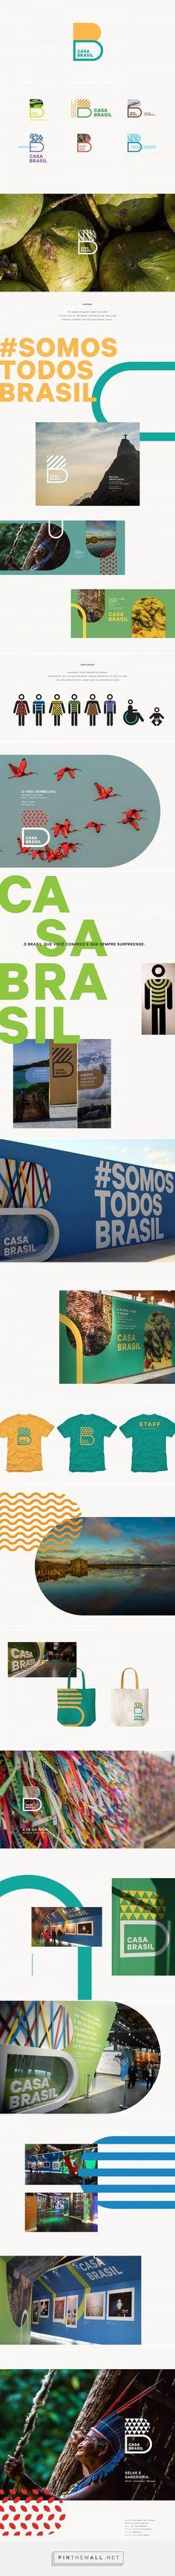 Casa Brasil on Behance - created on - Casa Brasil on Behance – created on Les images impressionnantes de Tout les co - Web Design, Logo Design, Brand Identity Design, Graphic Design Branding, Design Packaging, Stationery Design, Label Design, Brochure Design, Package Design